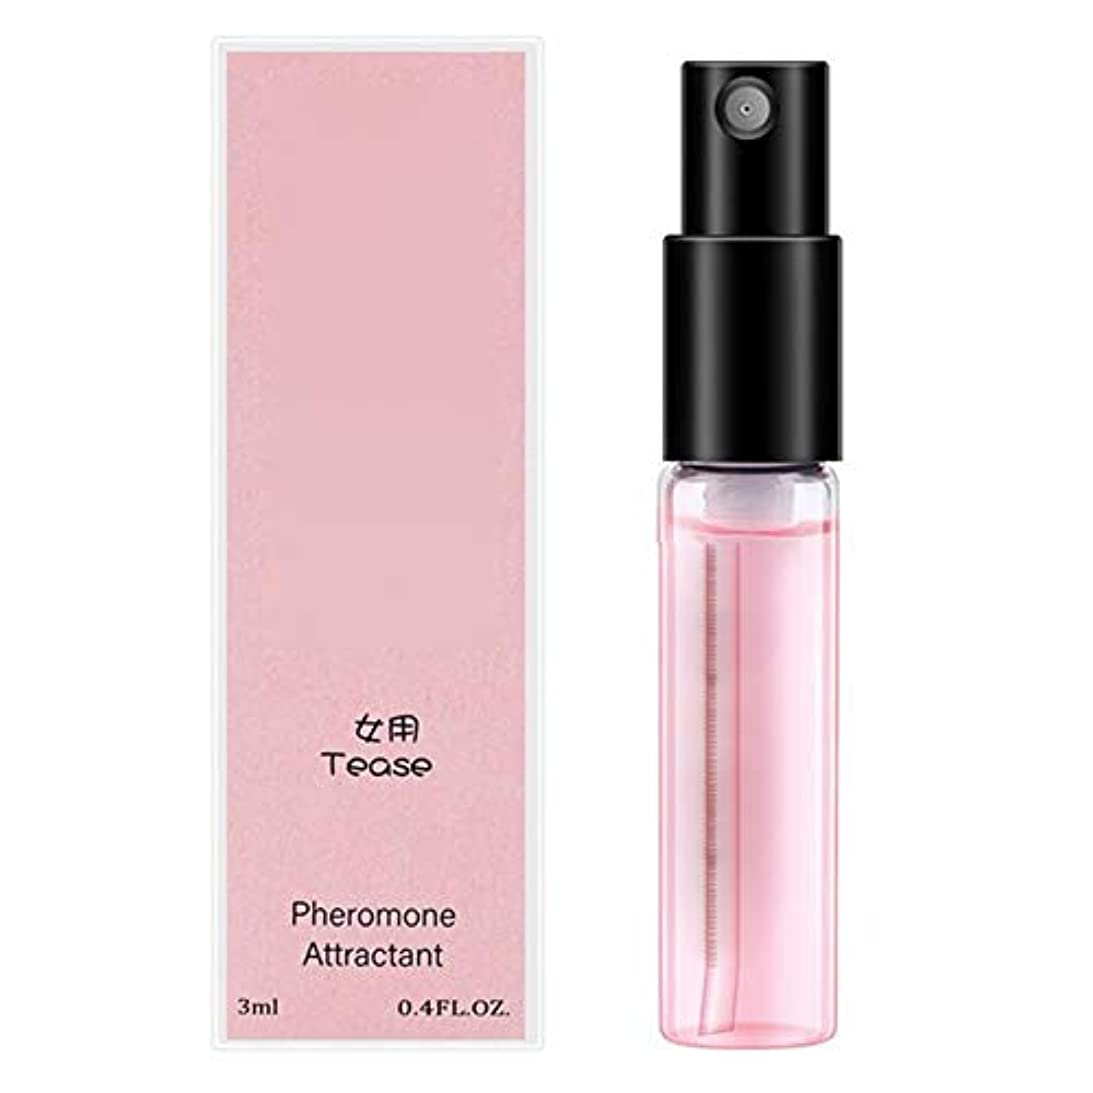 食用ピッチスムーズにフェロモンは男性のための媚薬を香水ボディスプレーの浮気の香水は女性の香水を引き付けます